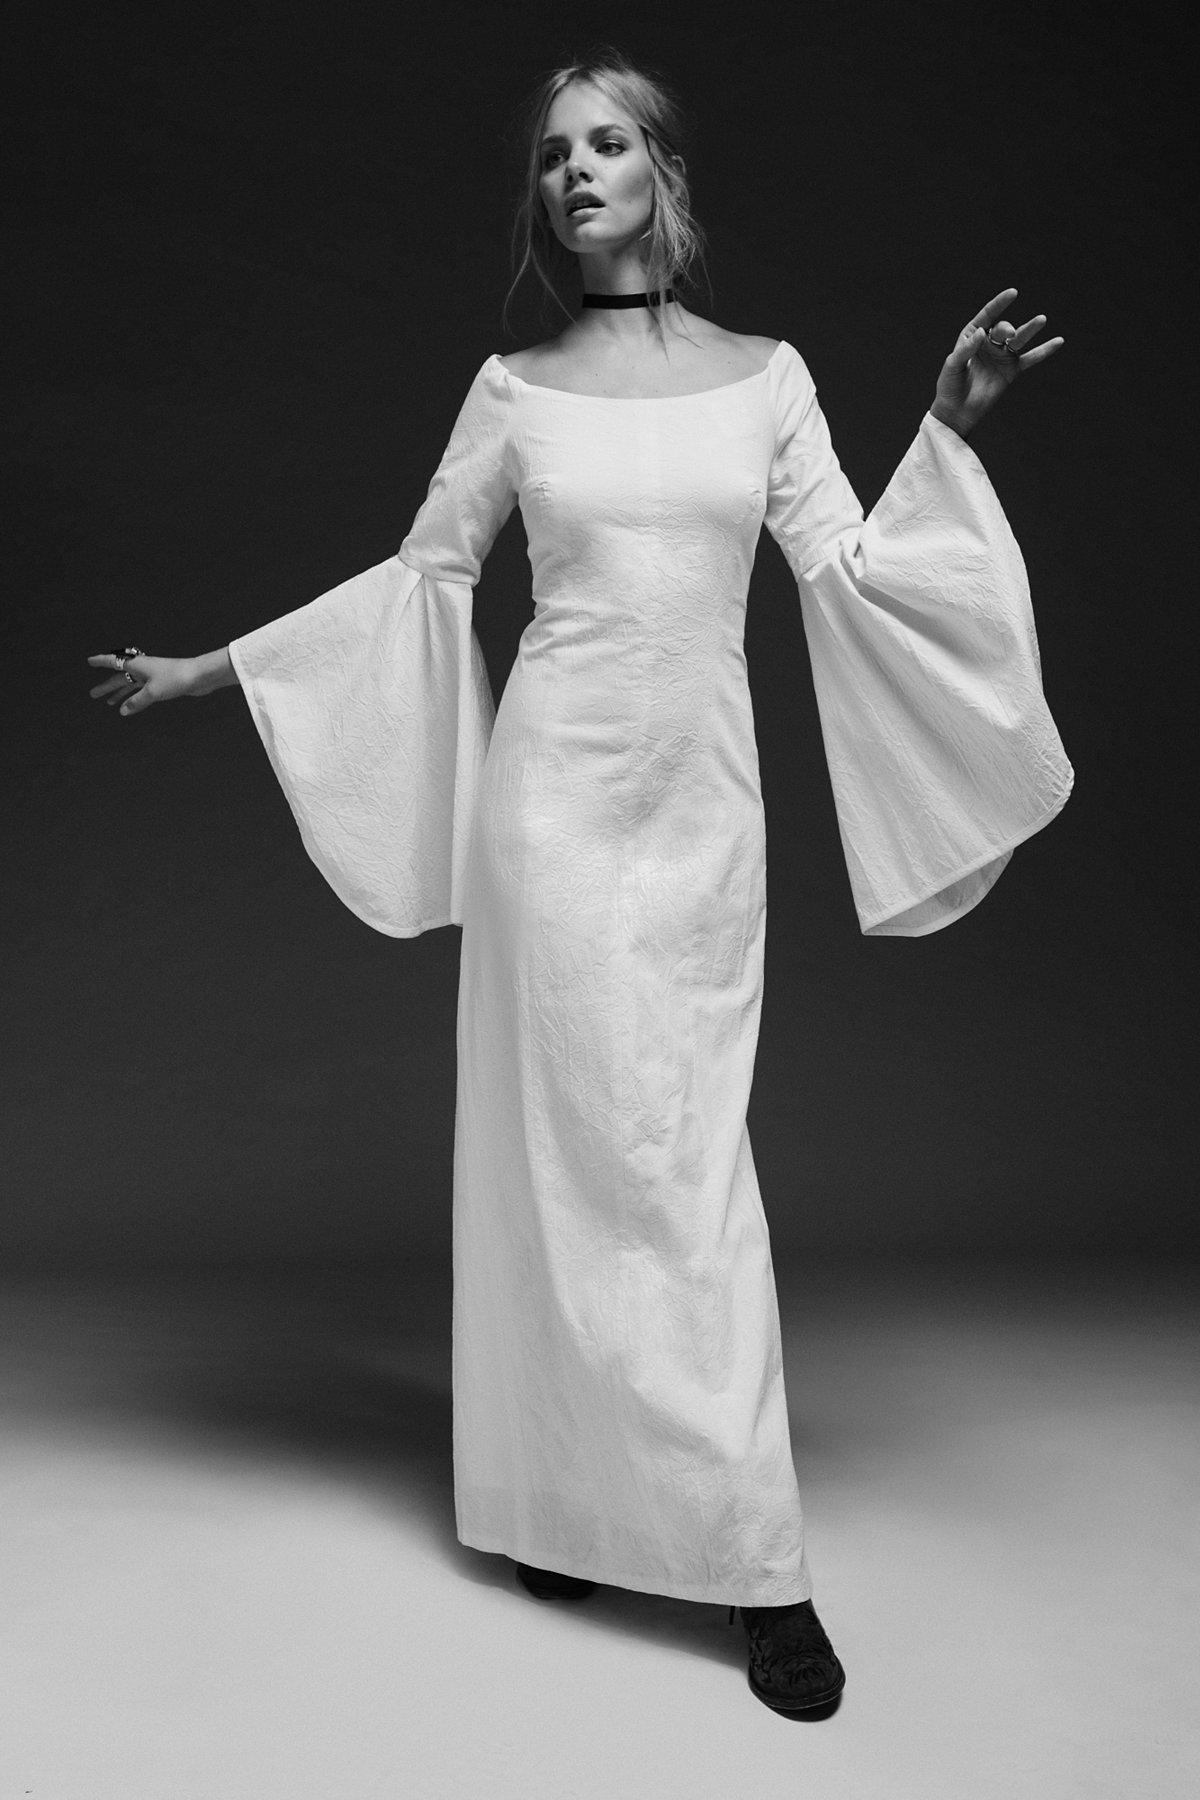 Natasha's Limited Edition White Dress